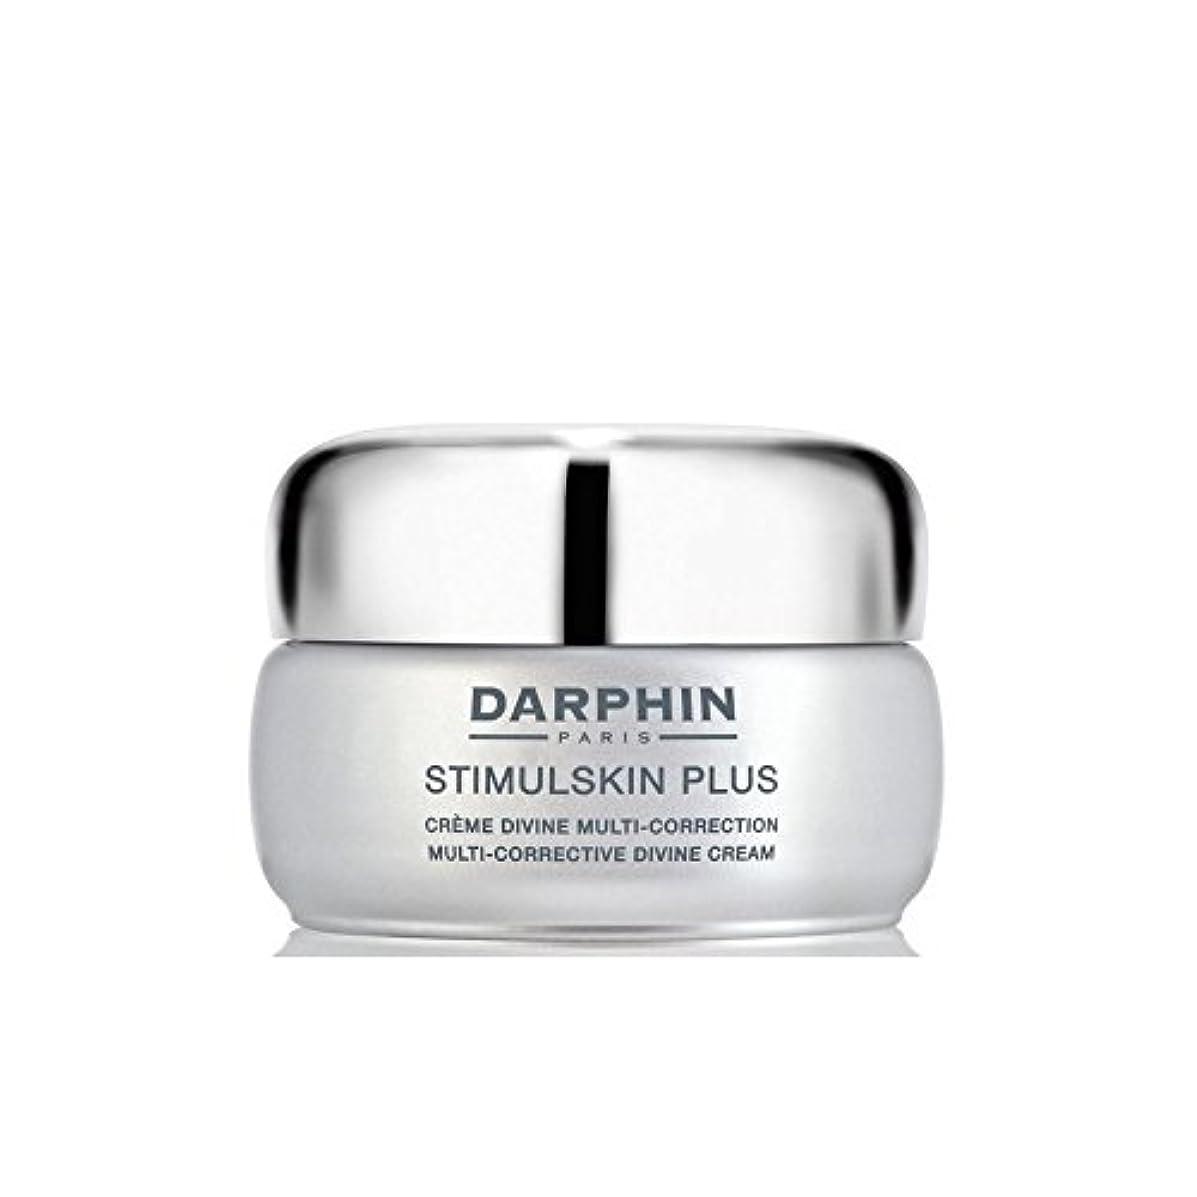 鷲解説専門用語ダルファンスティプラスマルチ是正神クリーム - 豊富 x4 - Darphin Stimulskin Plus Multi-Corrective Divine Cream - Rich (Pack of 4) [並行輸入品]